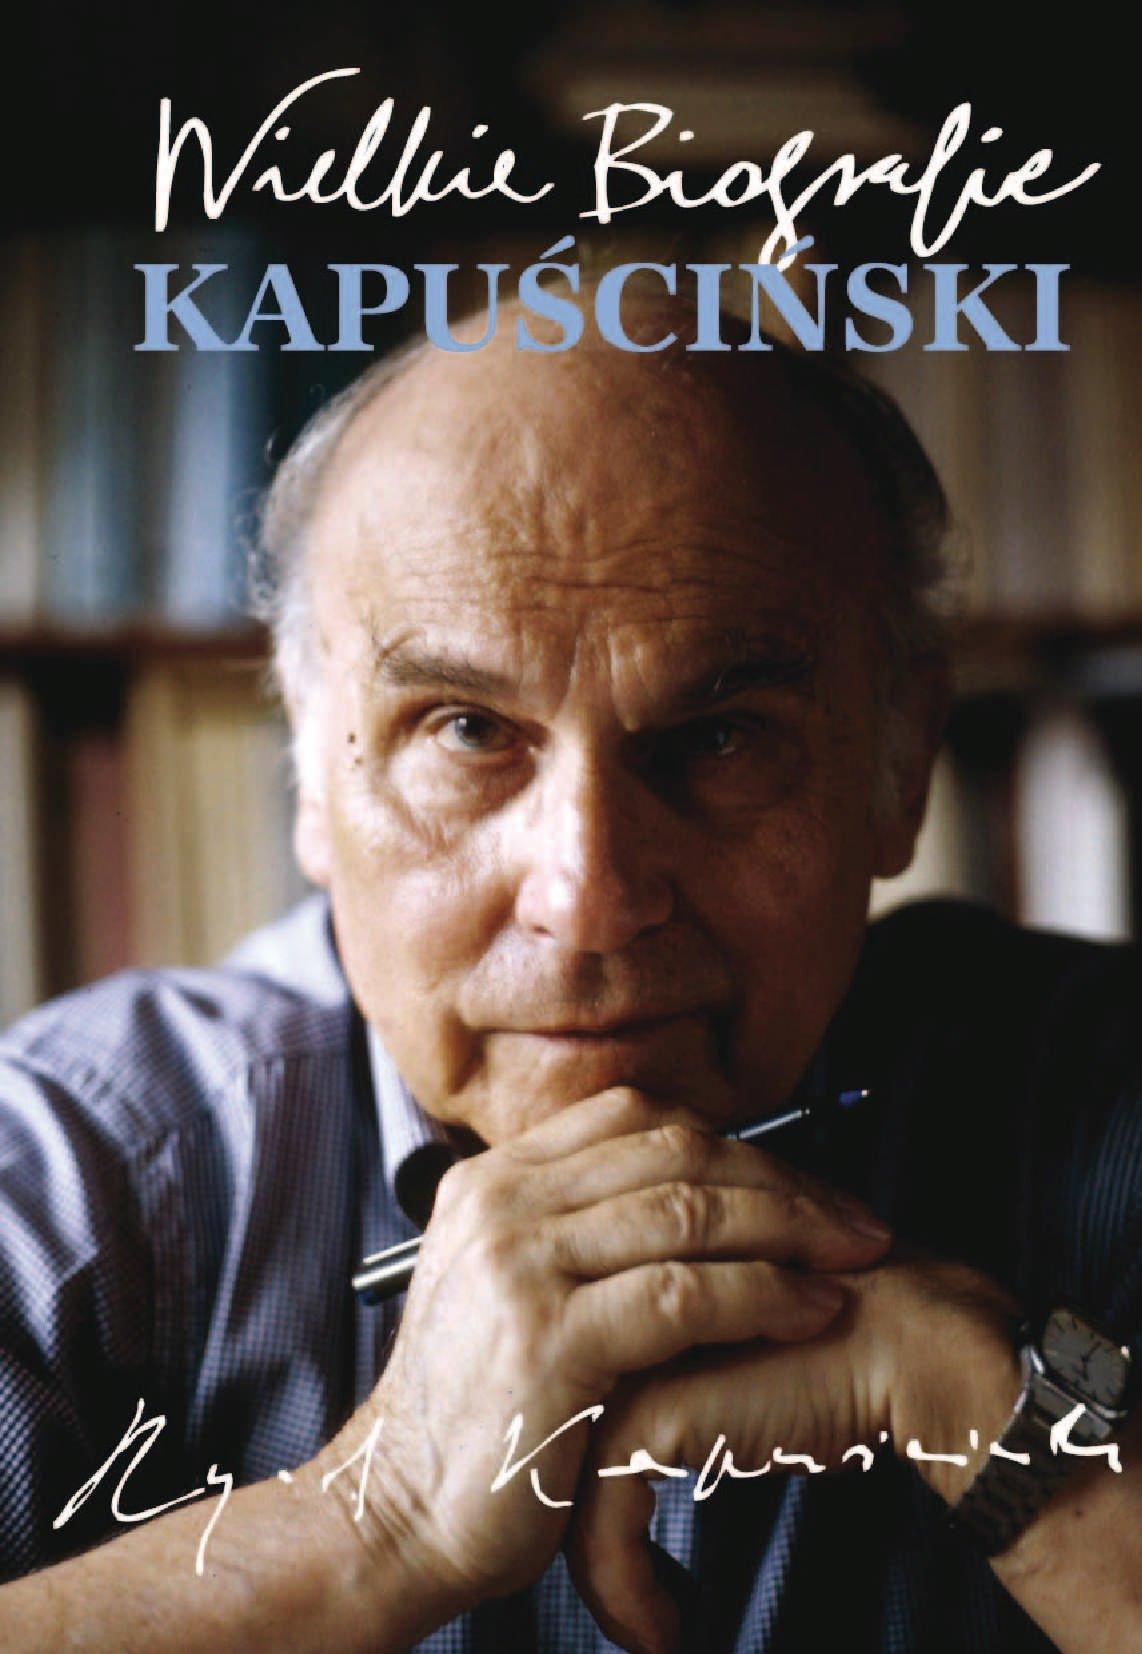 Kapuściński. Wielkie Biografie - Ebook (Książka EPUB) do pobrania w formacie EPUB